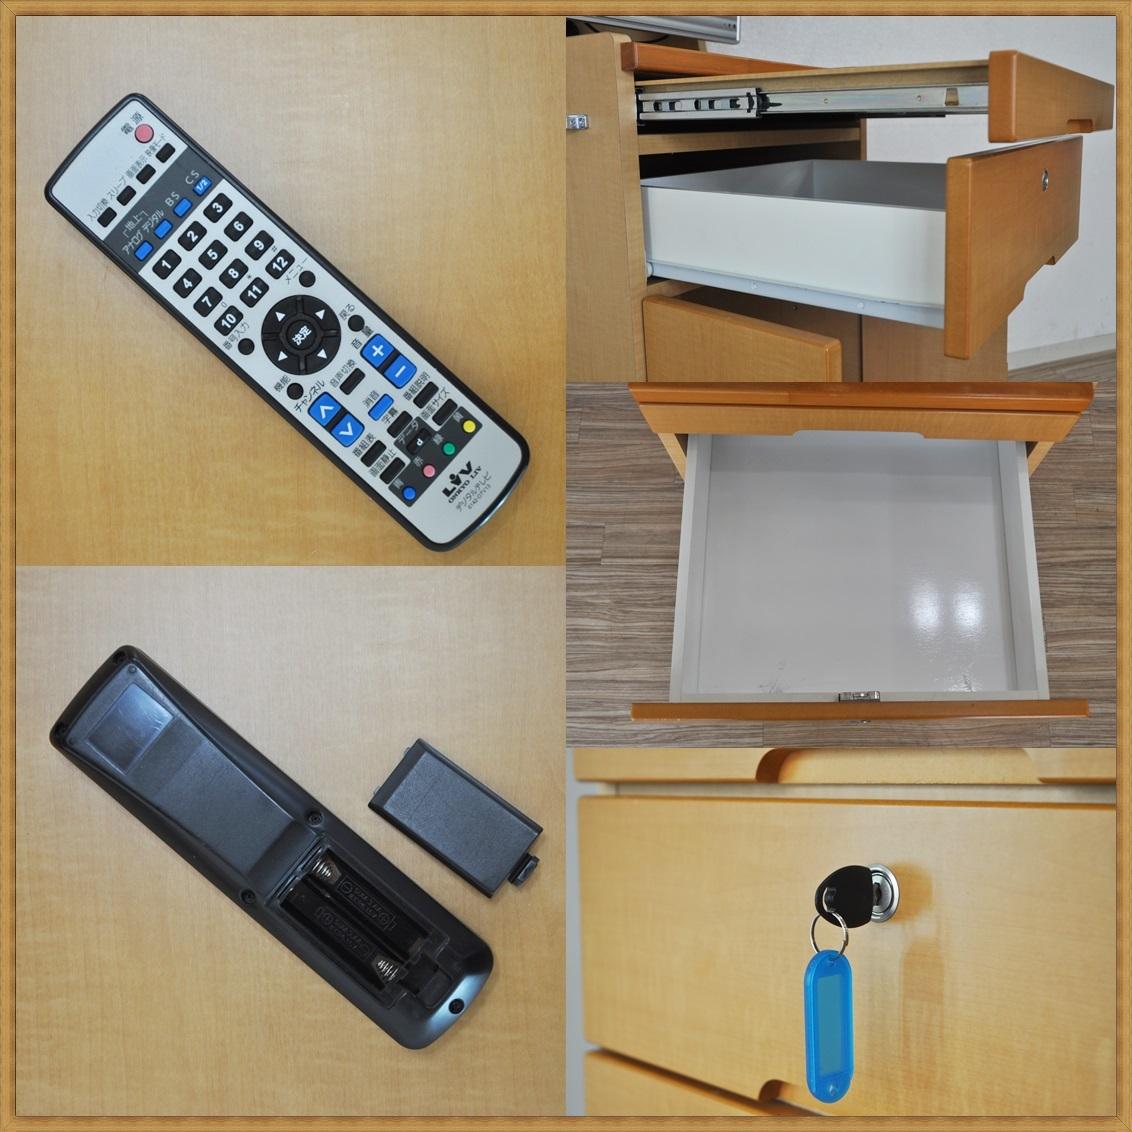 日本製ハイタイプ多機能型床頭台ONKYO LiVデジタルテレビB-CAS・リモコン・可動アーム付き 引出しスライドレール鍵付き収納棚 美完成品_画像7